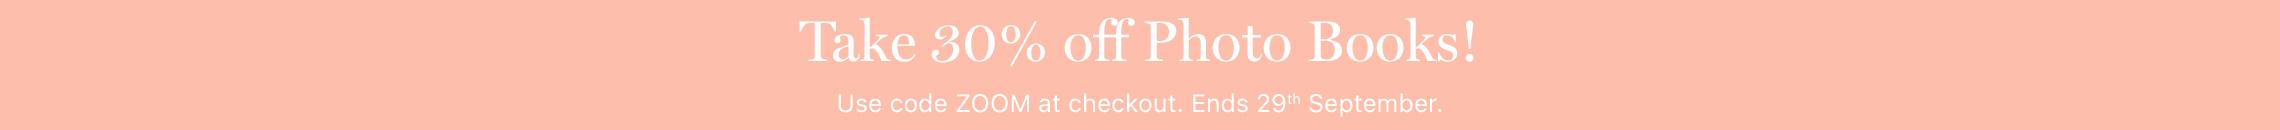 0919 au pbook desktop promo banner